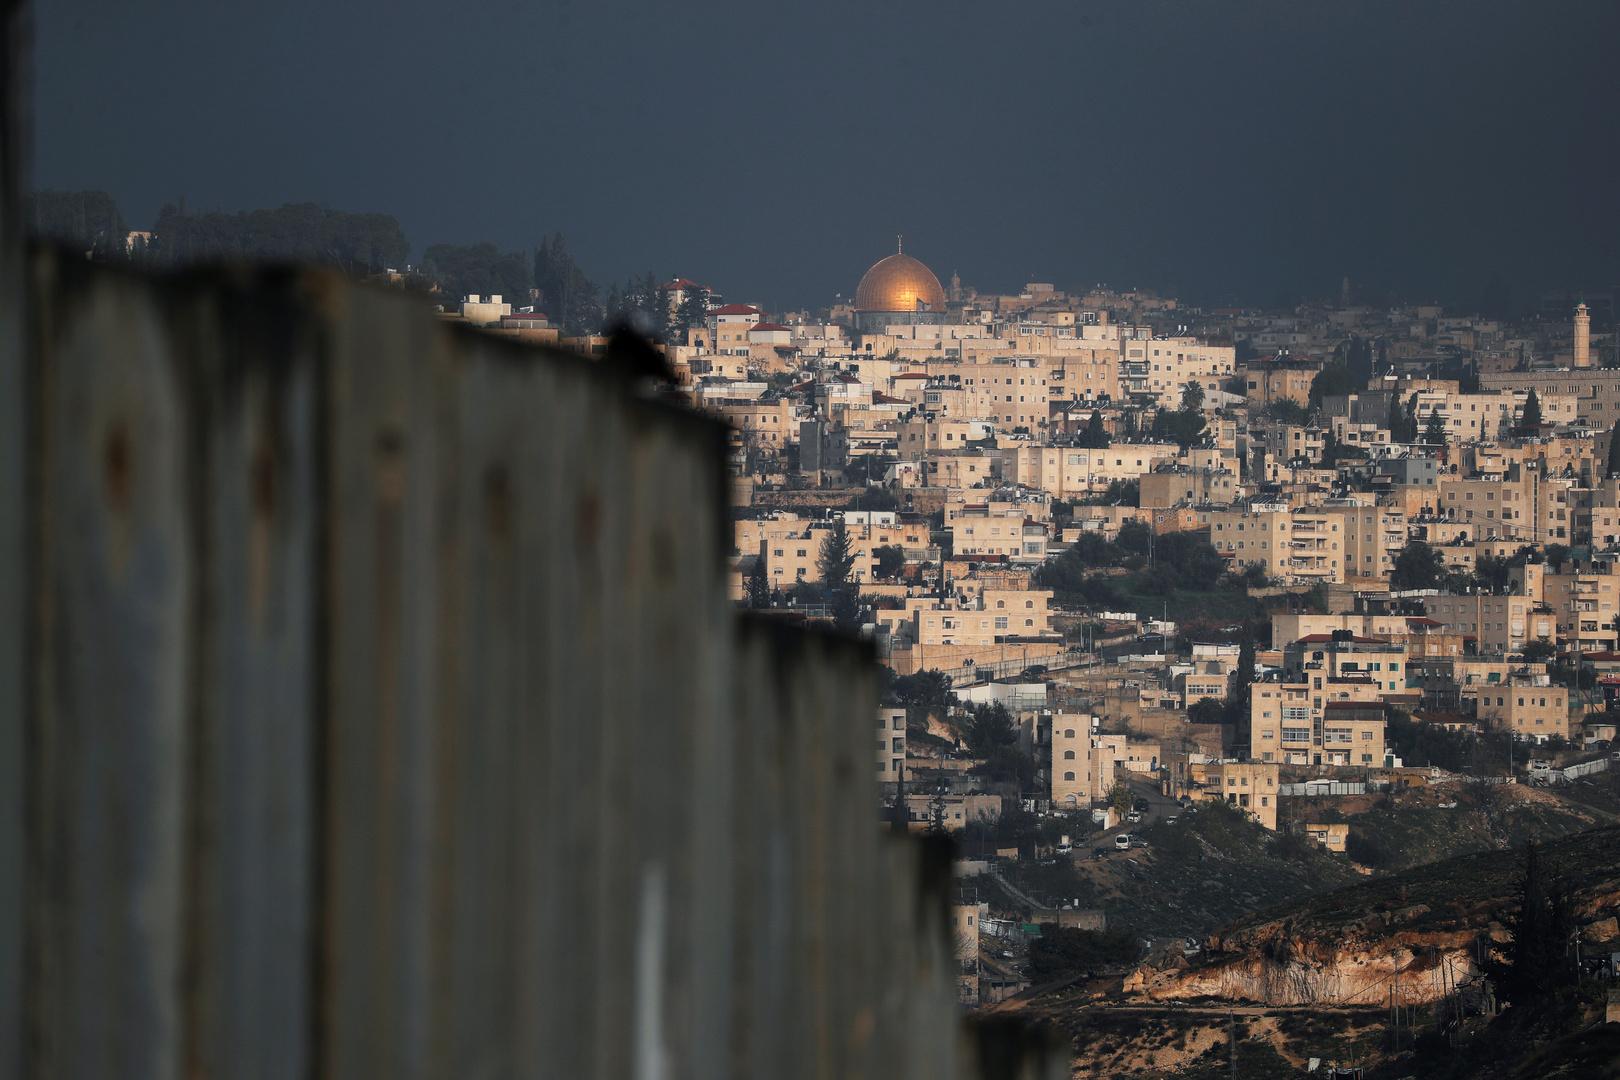 القوات الإسرائيلية تغلق مداخل حي الشيخ جراح في القدس